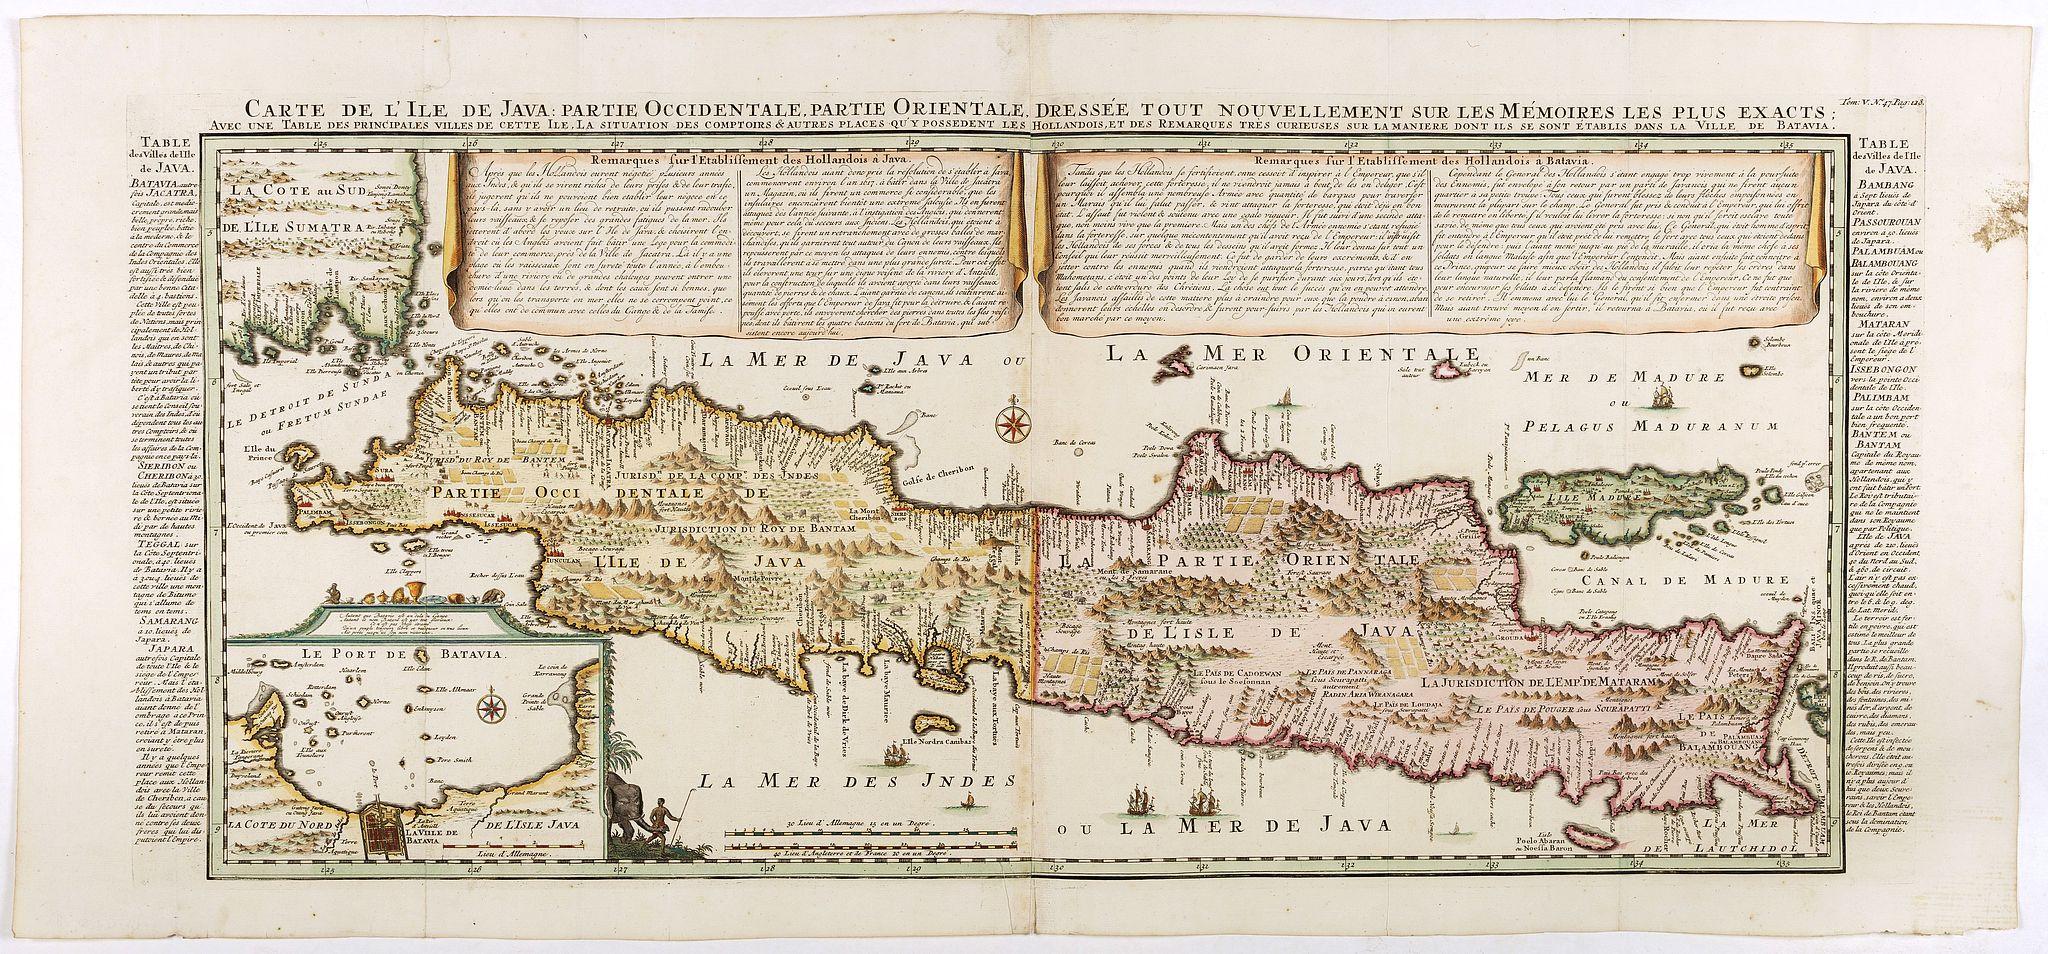 CHATELAIN, H. -  Carte de l'Ile de Java: partie Occidentale, partie Orientale, Dressée tout nouvellement sur les Mémoirs les plus exacts, Avec une Table des principales villes de cette Ile. . .